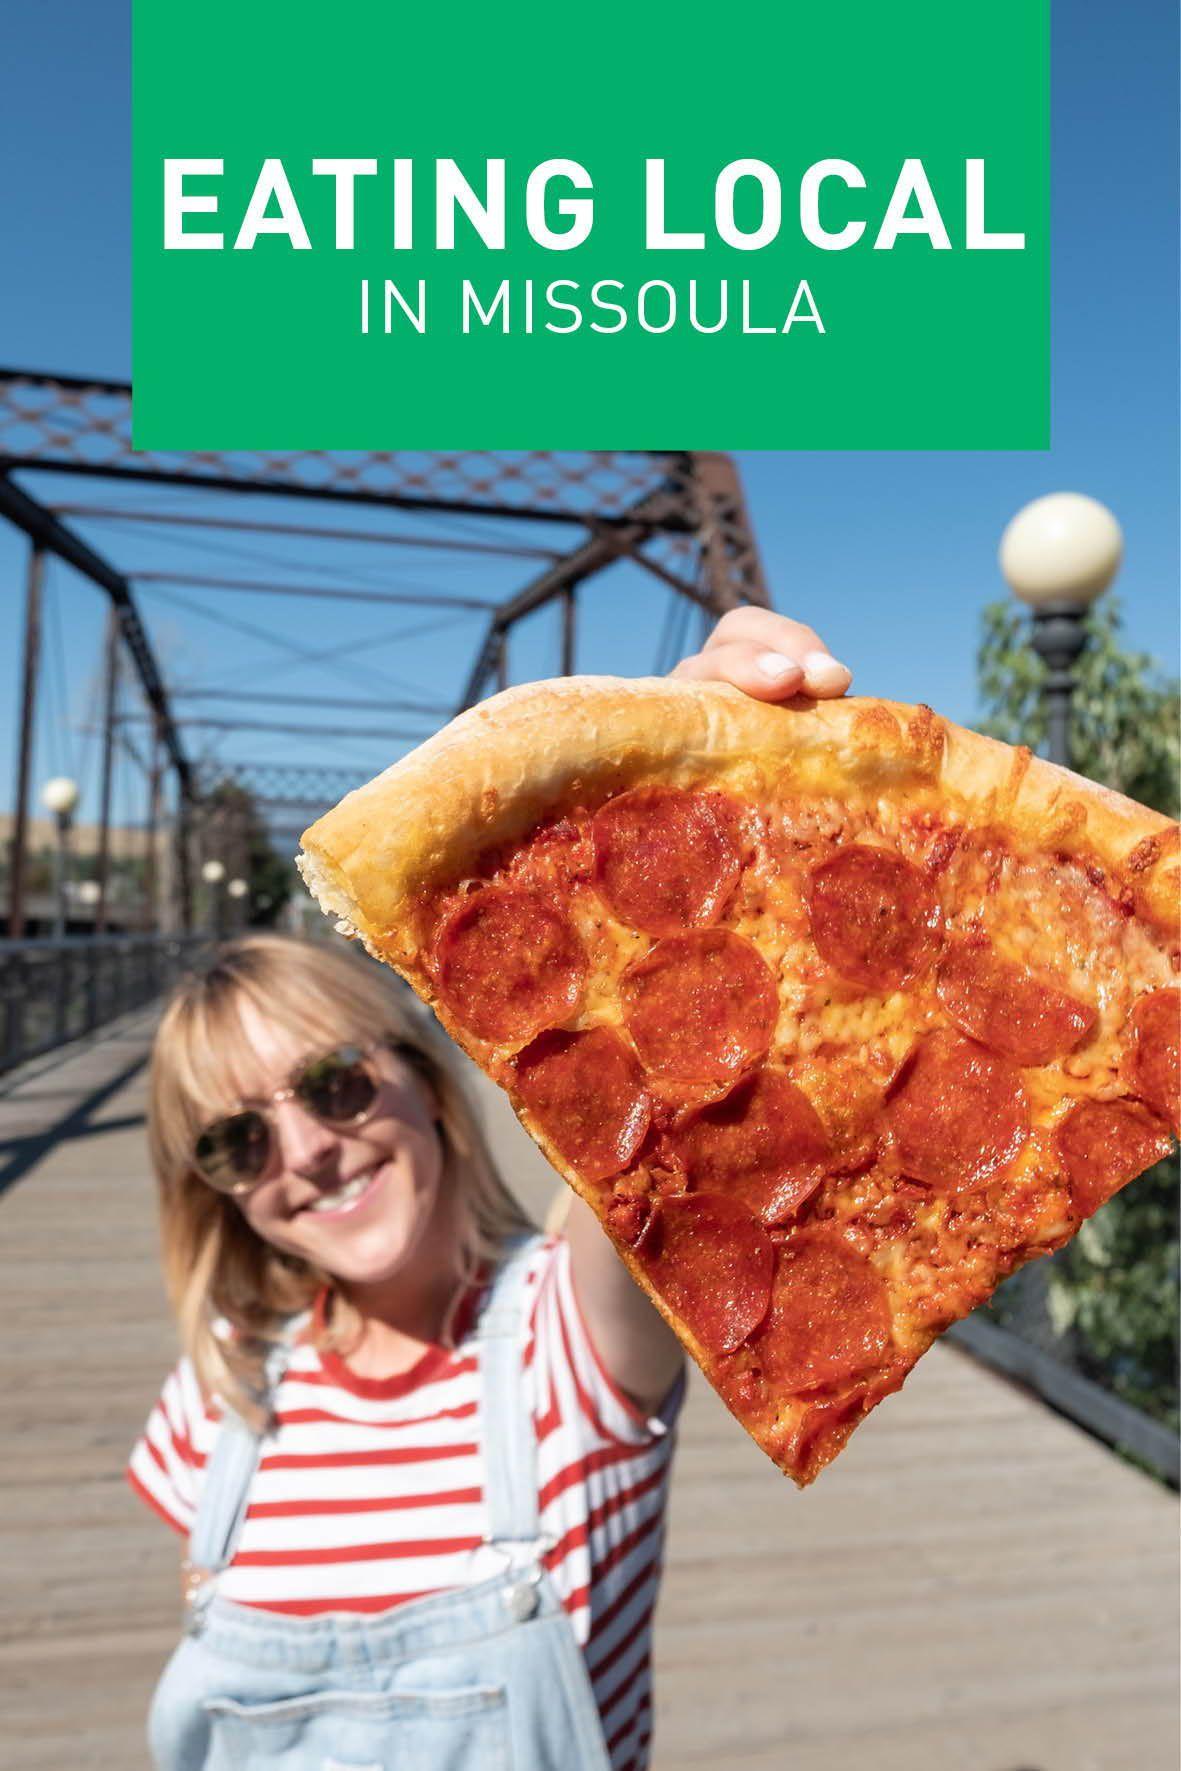 Christmas Dinner Restaurants In Missoula 2020 Guide to Eating Local in Missoula in 2020 | Local food restaurant